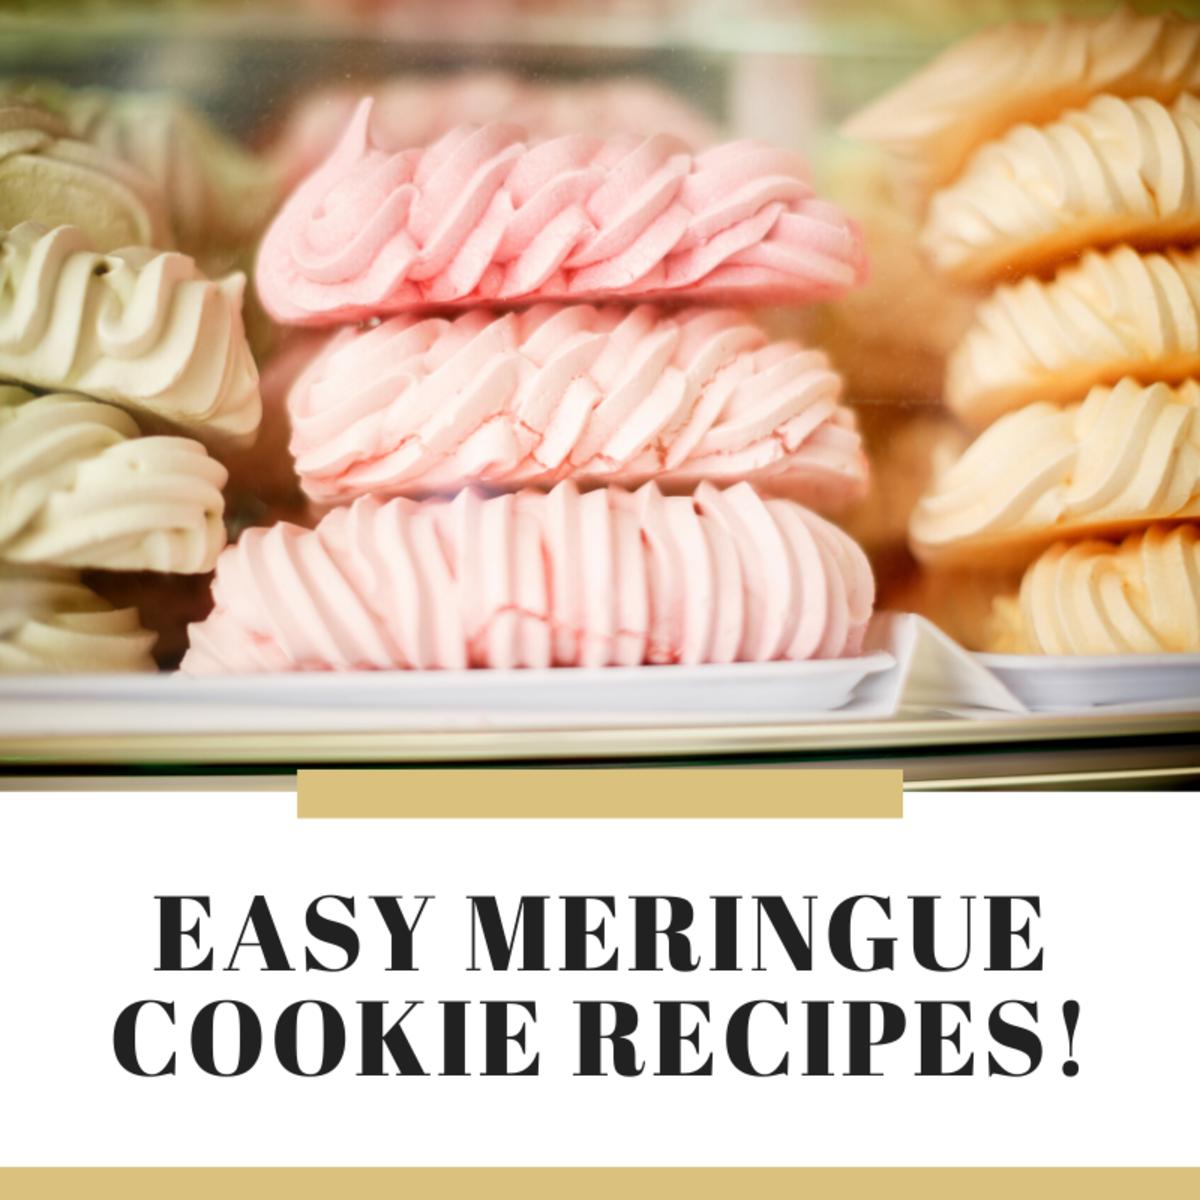 13 Easy Meringue Cookie Recipes